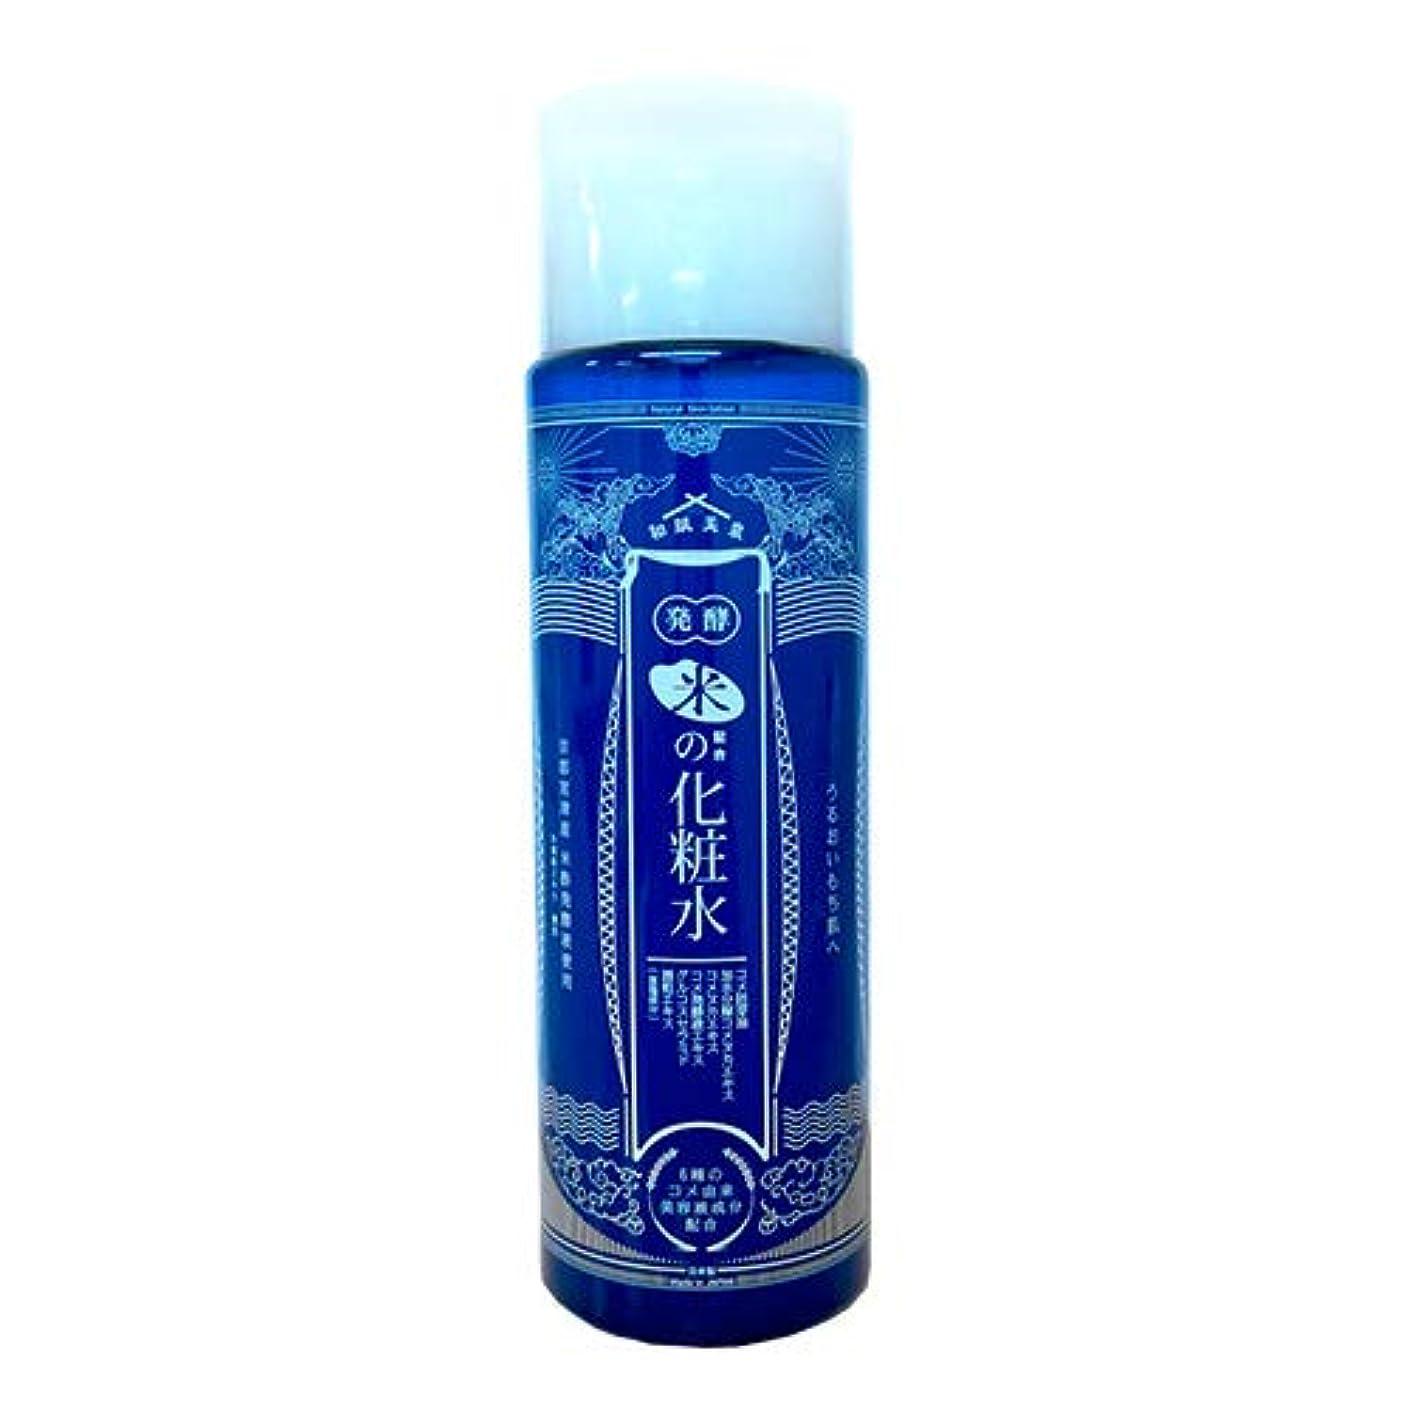 パワーパワー寝室和肌美泉 発酵•米配合の化粧水 180ml